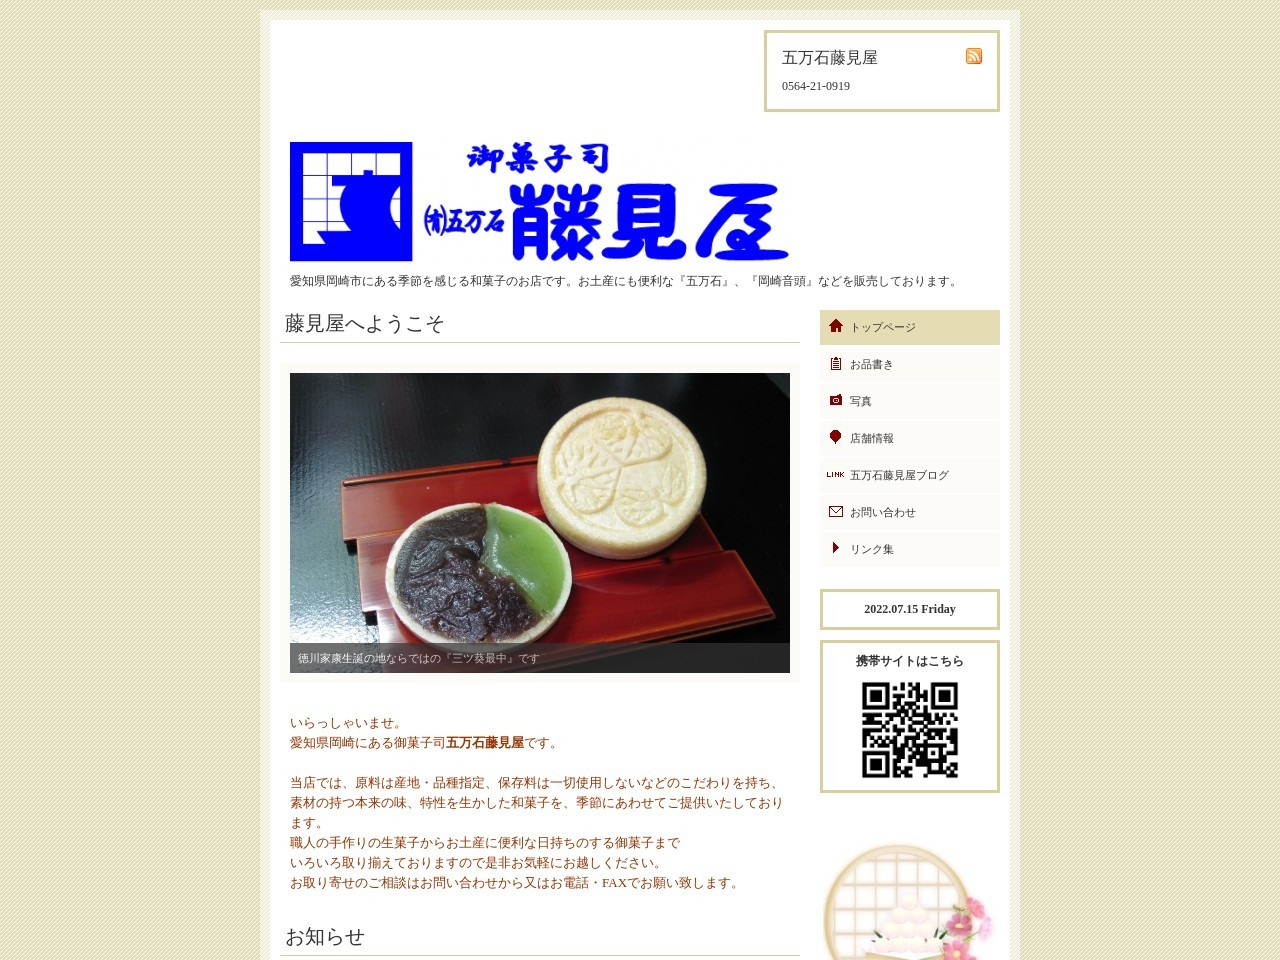 有限会社藤見屋五万石/本店